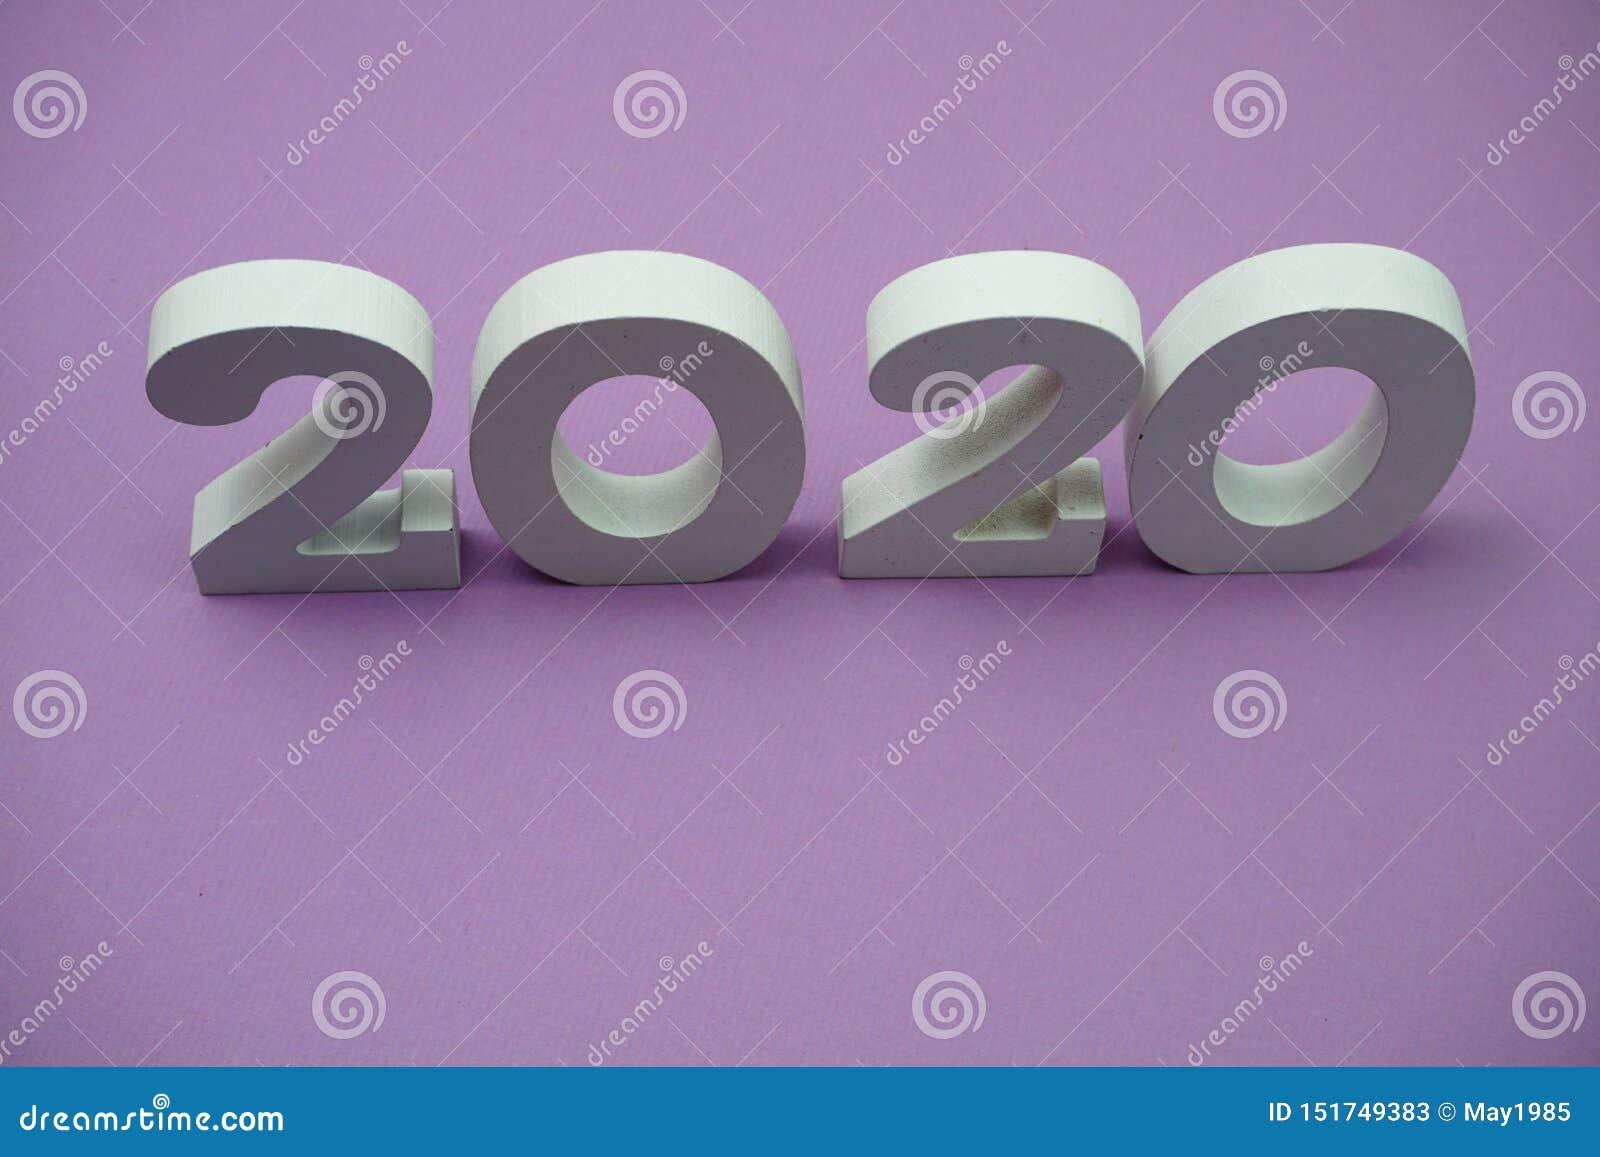 2020 feliz ano novo sobre fundo roxo